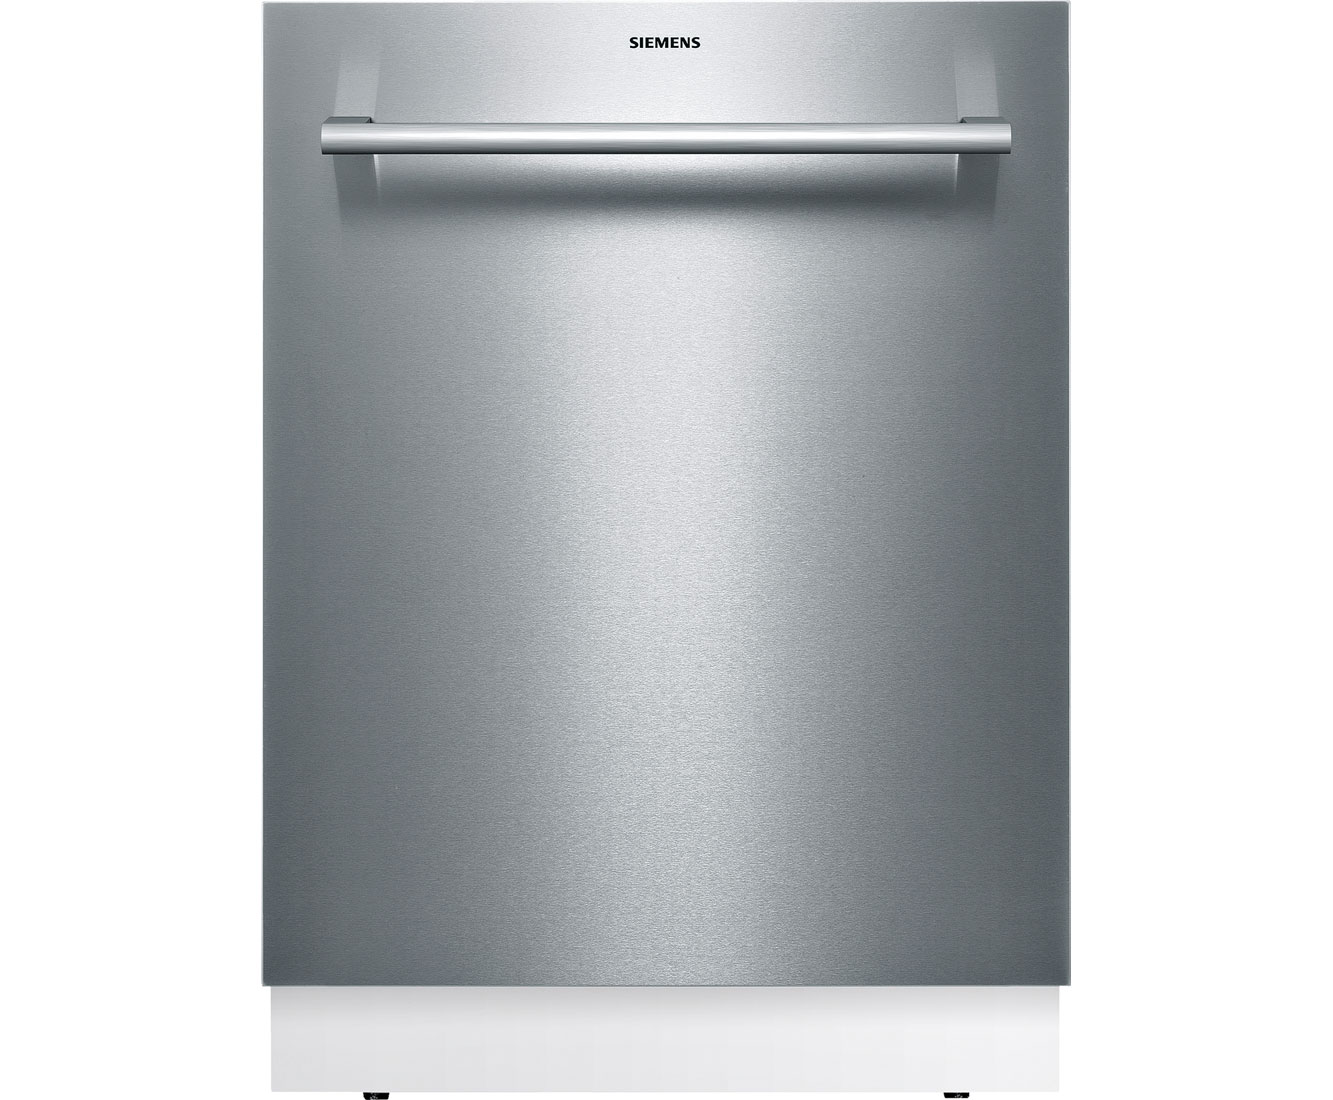 Siemens Kühlschrank Retro : Siemens iq500 ku15rsx60 unterbau kühlschrank 82er nische festtür